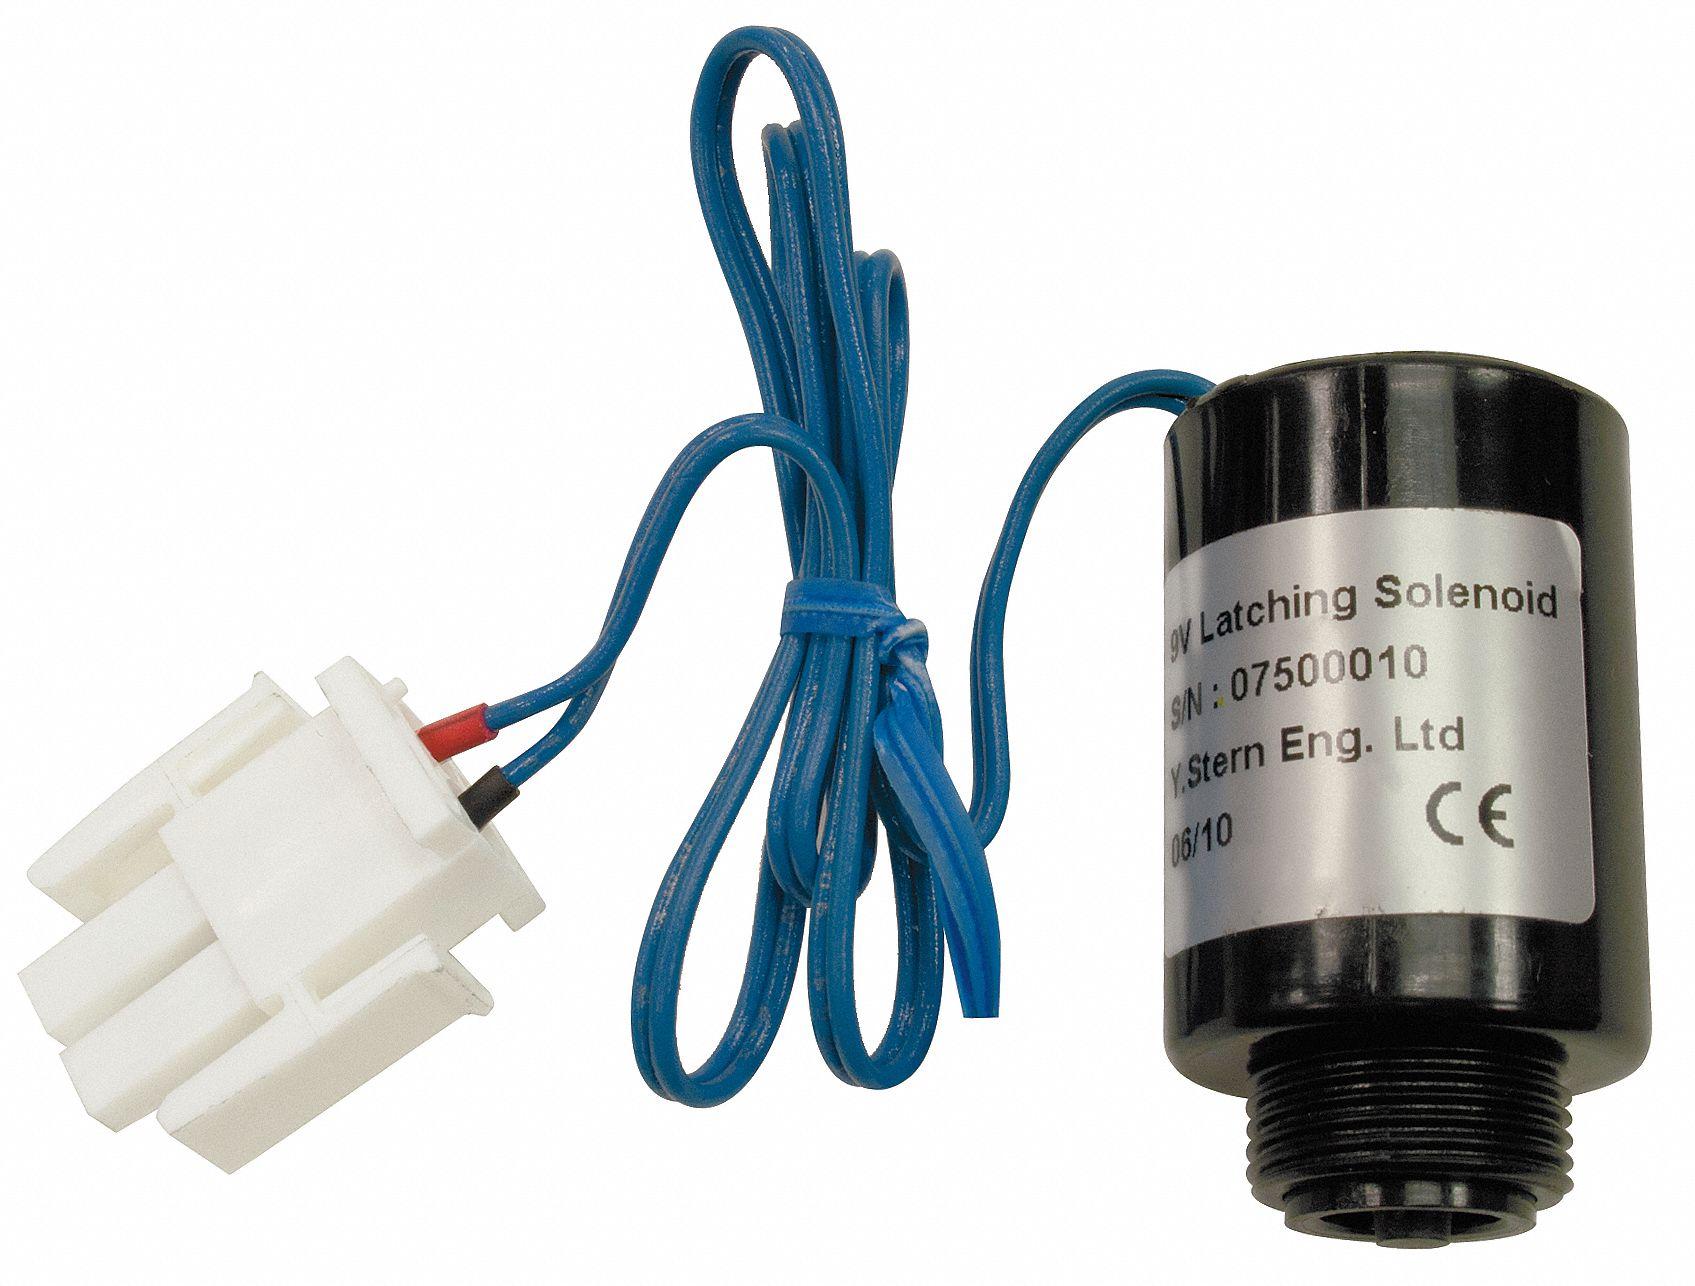 PARKER 91263443-02 AC Reed-contact LED Sensor 10m Kabel  10-250VAC  NEU